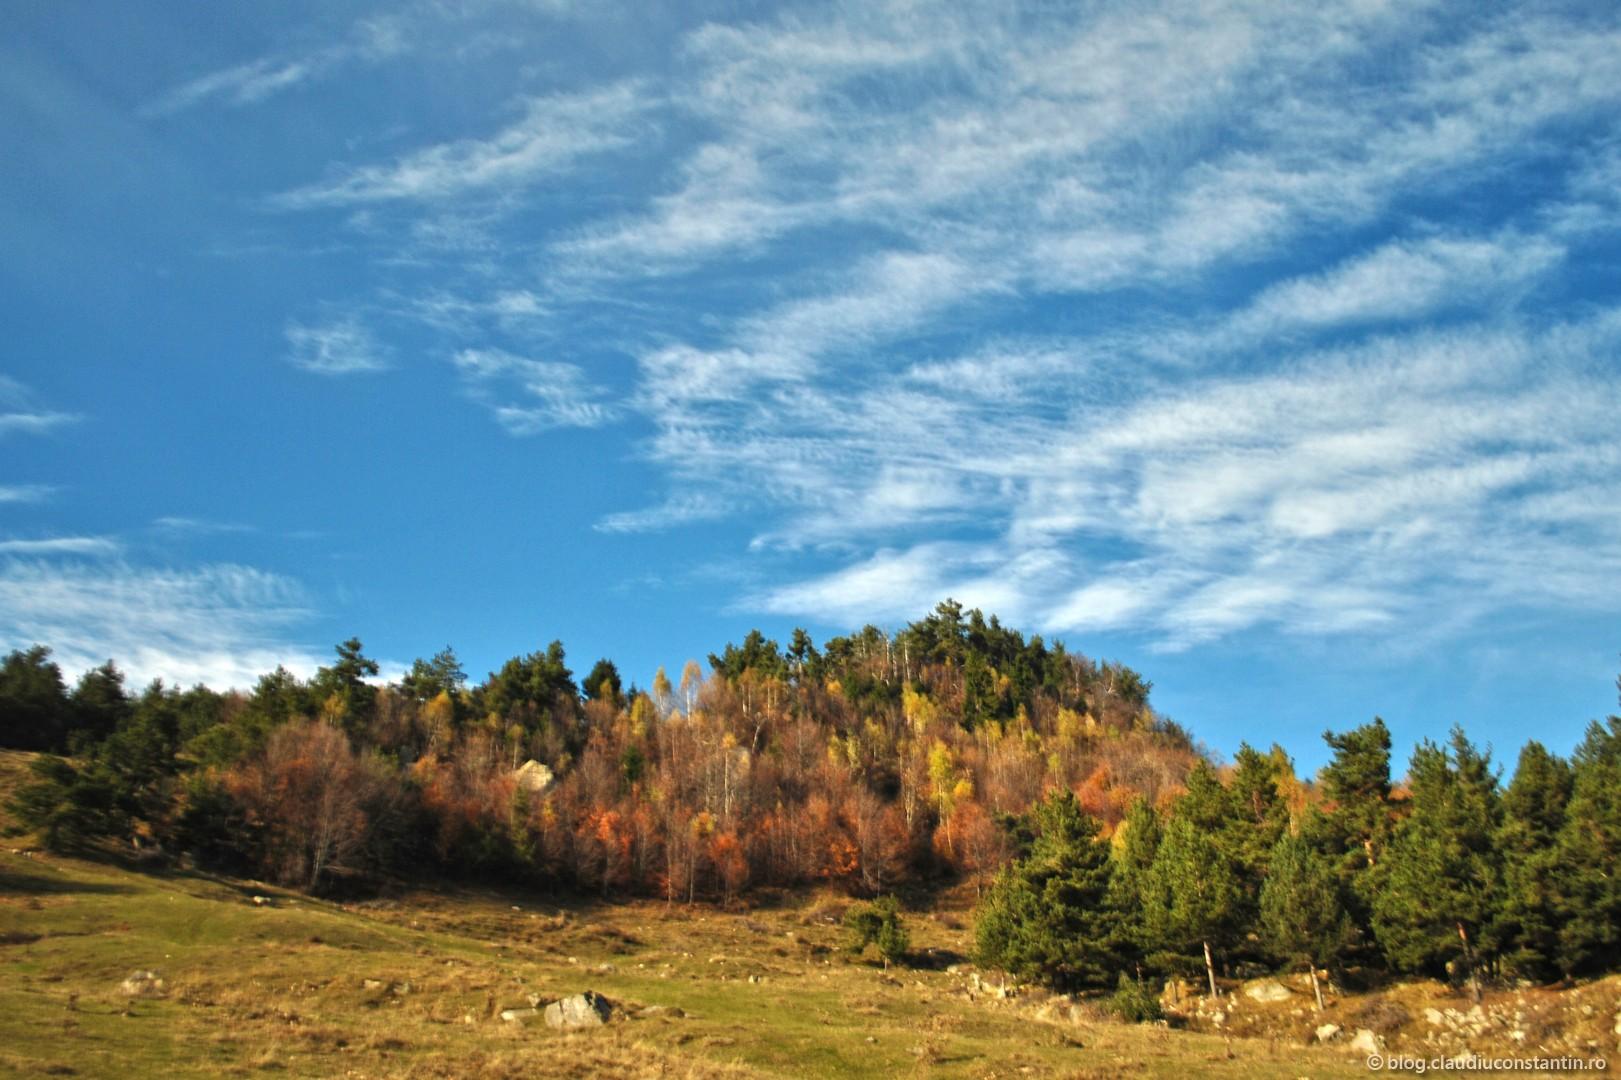 Vârful Ivănețu (1191m), Munții Buzăului